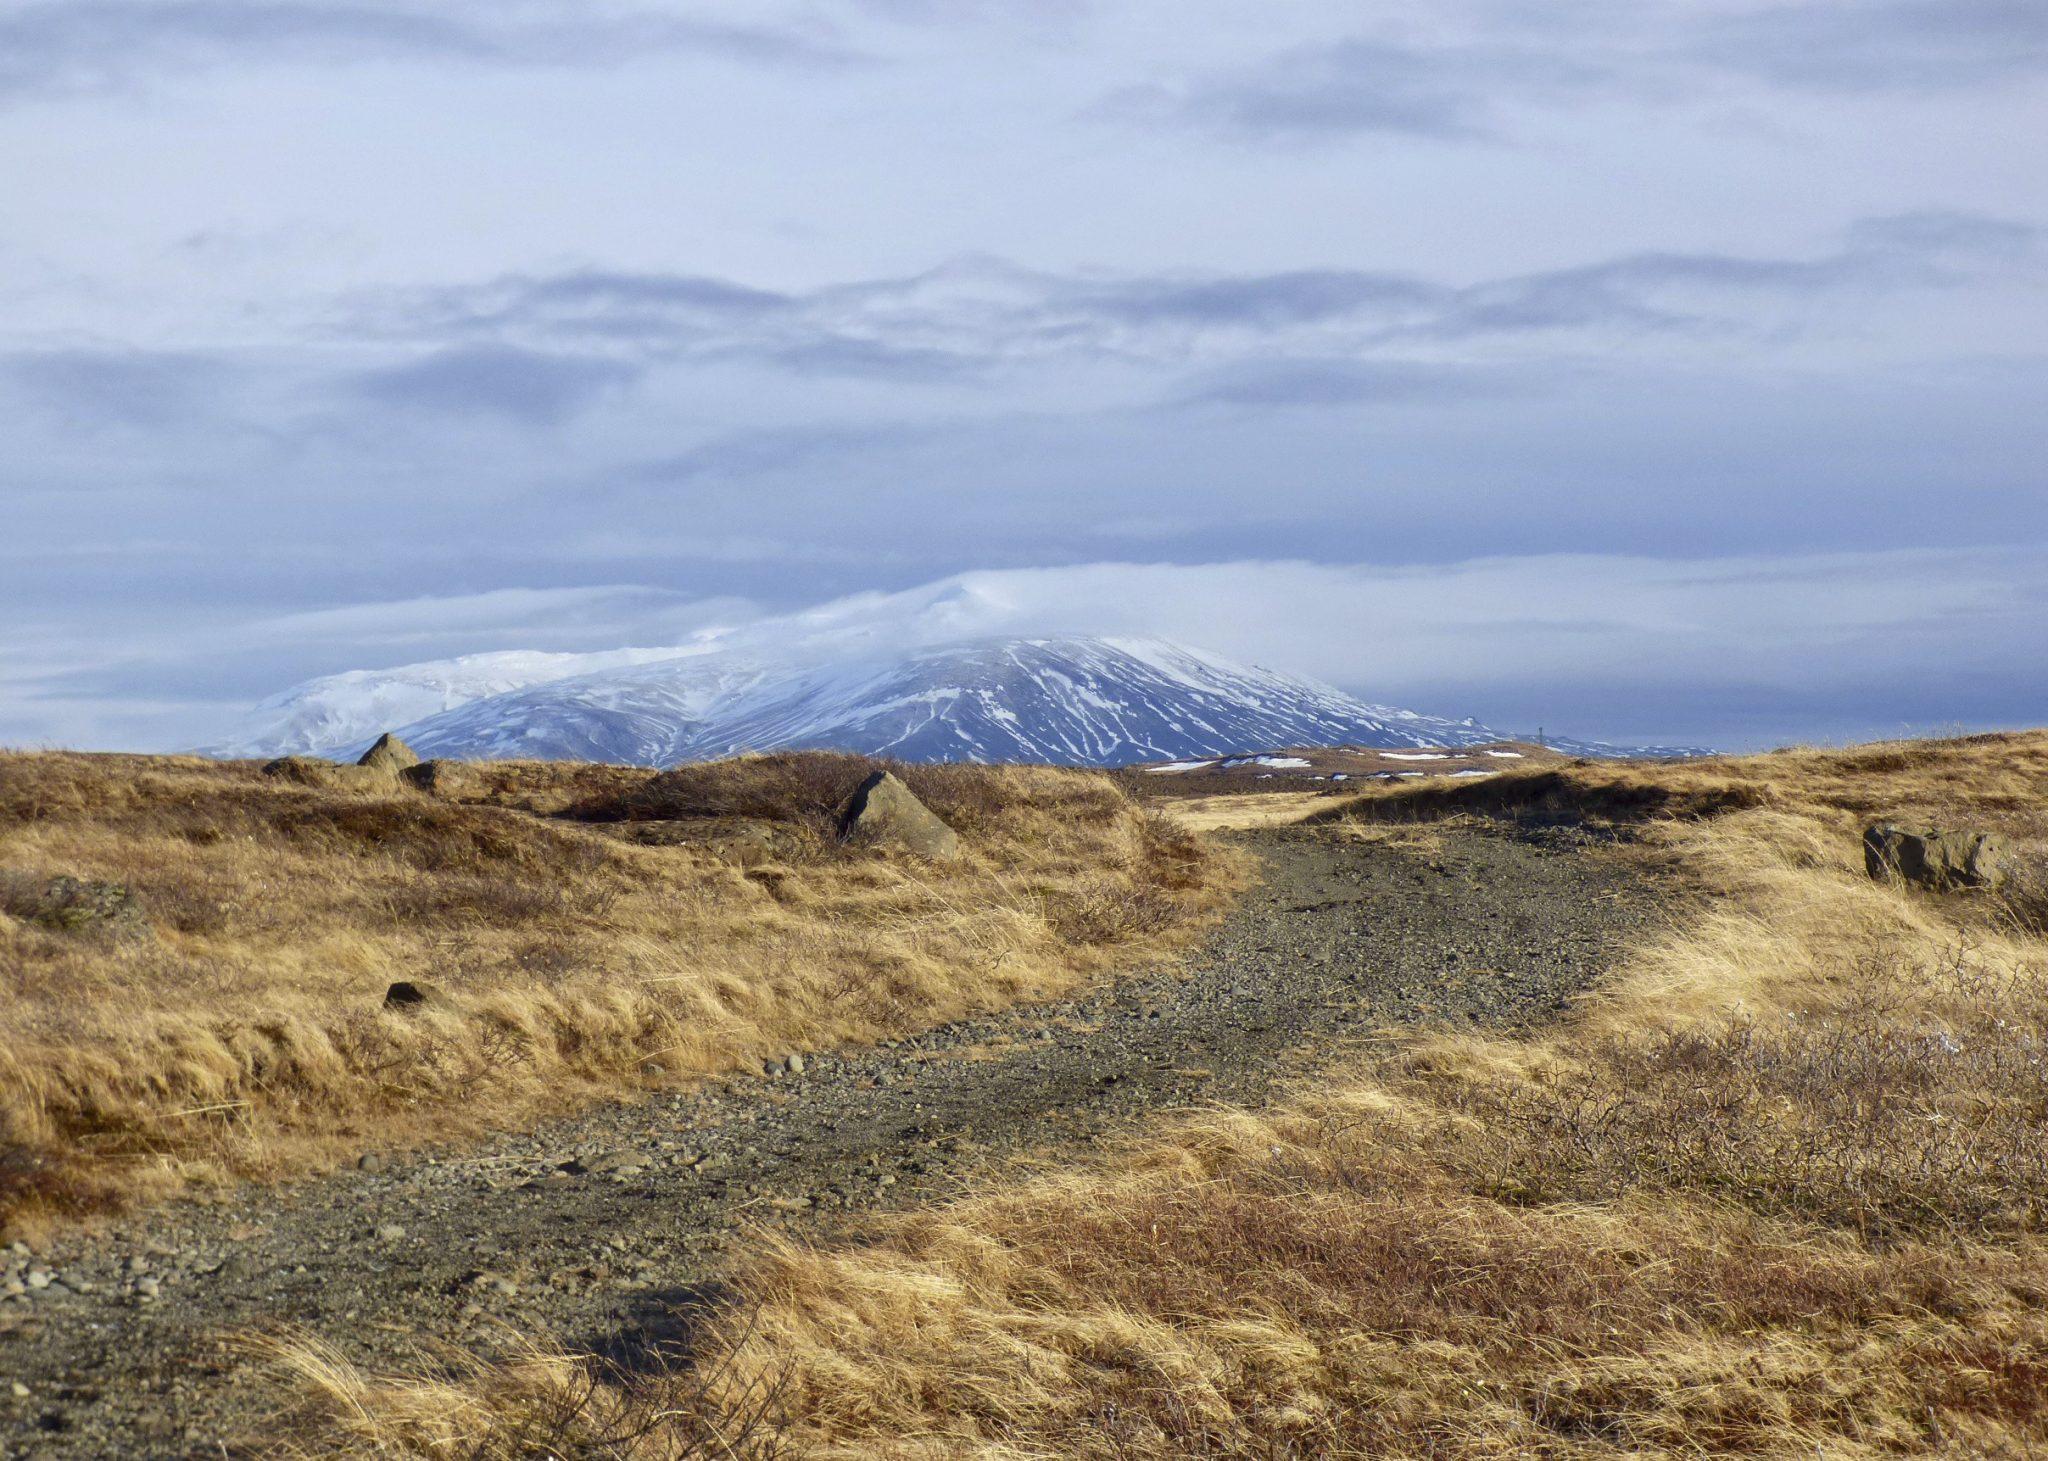 Islanti vuori